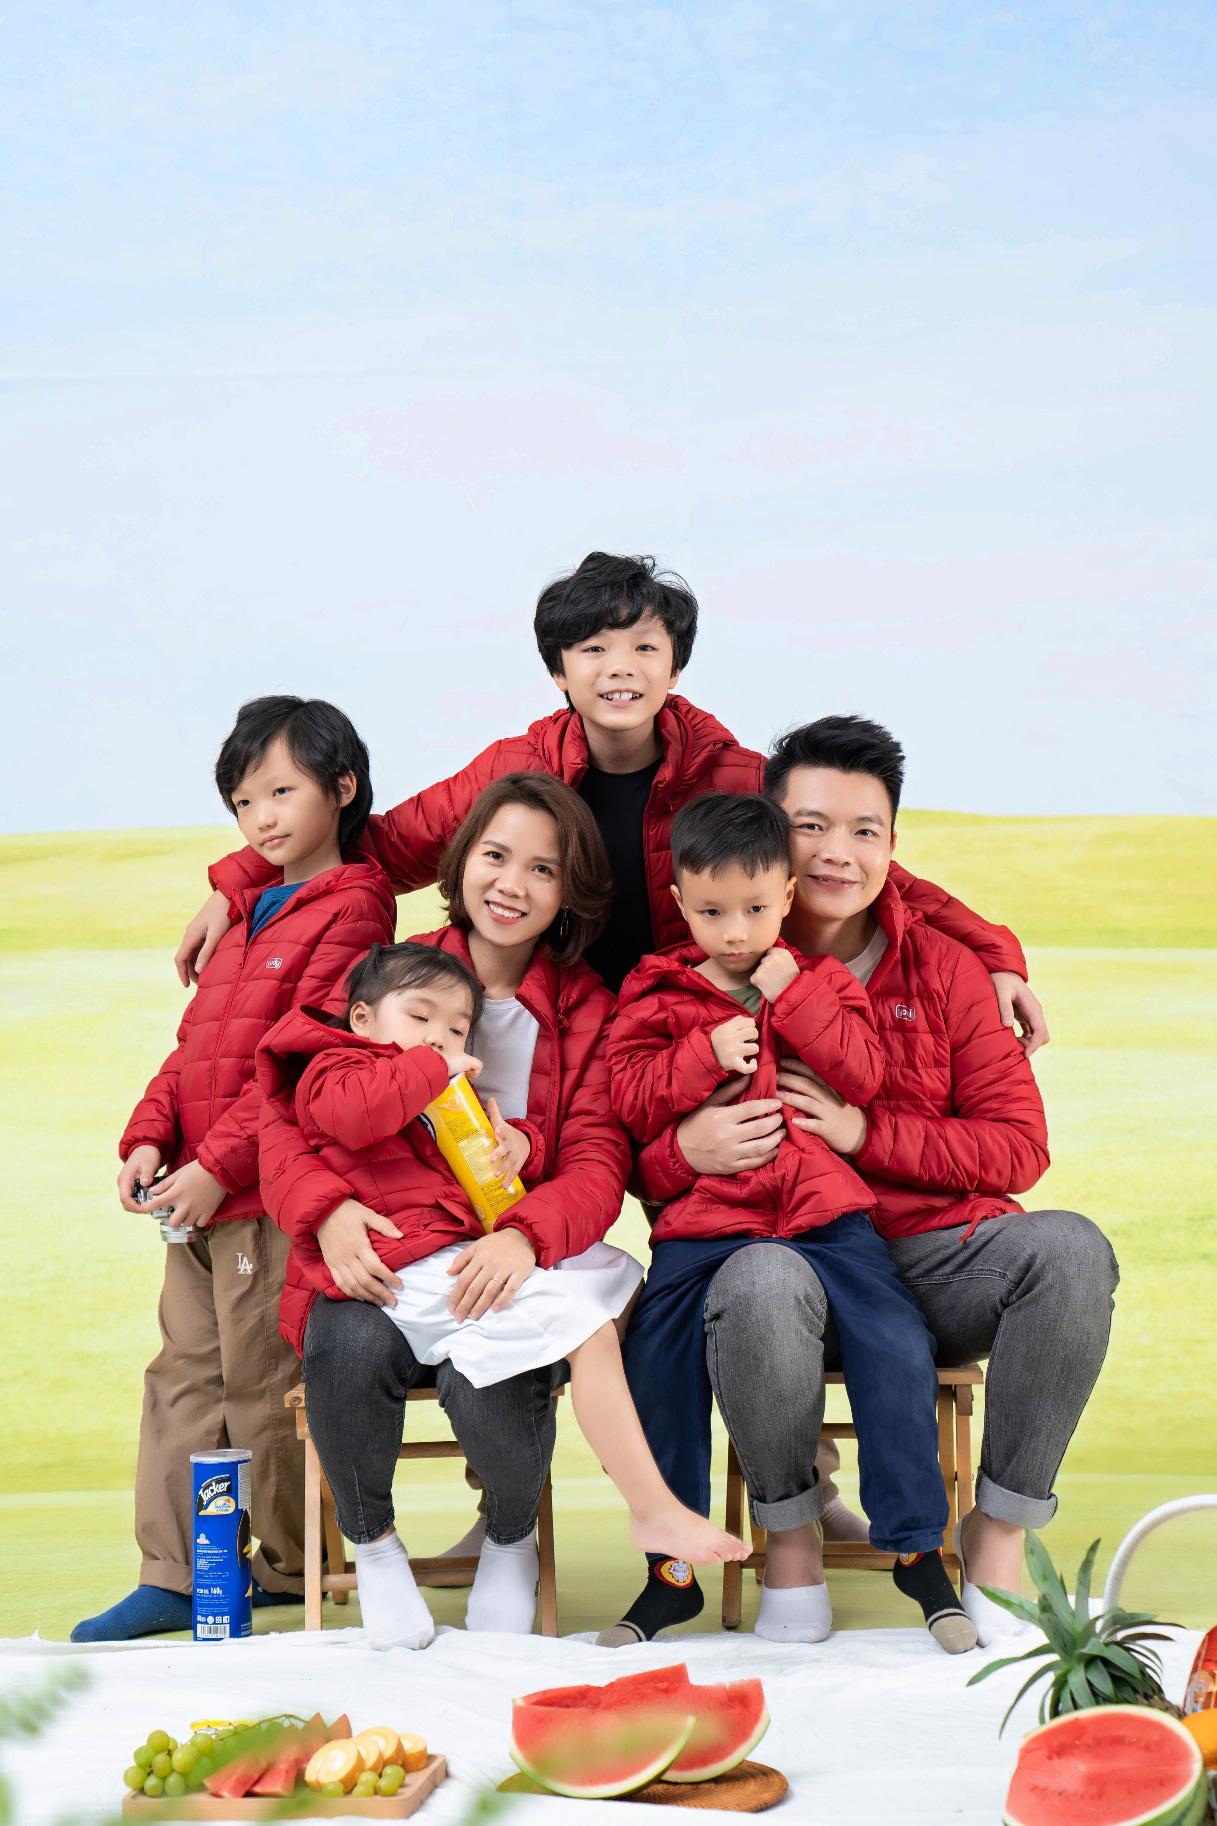 CEO Yody cùng vợ trẻ và 4 con làm đại sứ thương hiệu cho dòng sản phẩm mới - Ảnh 5.